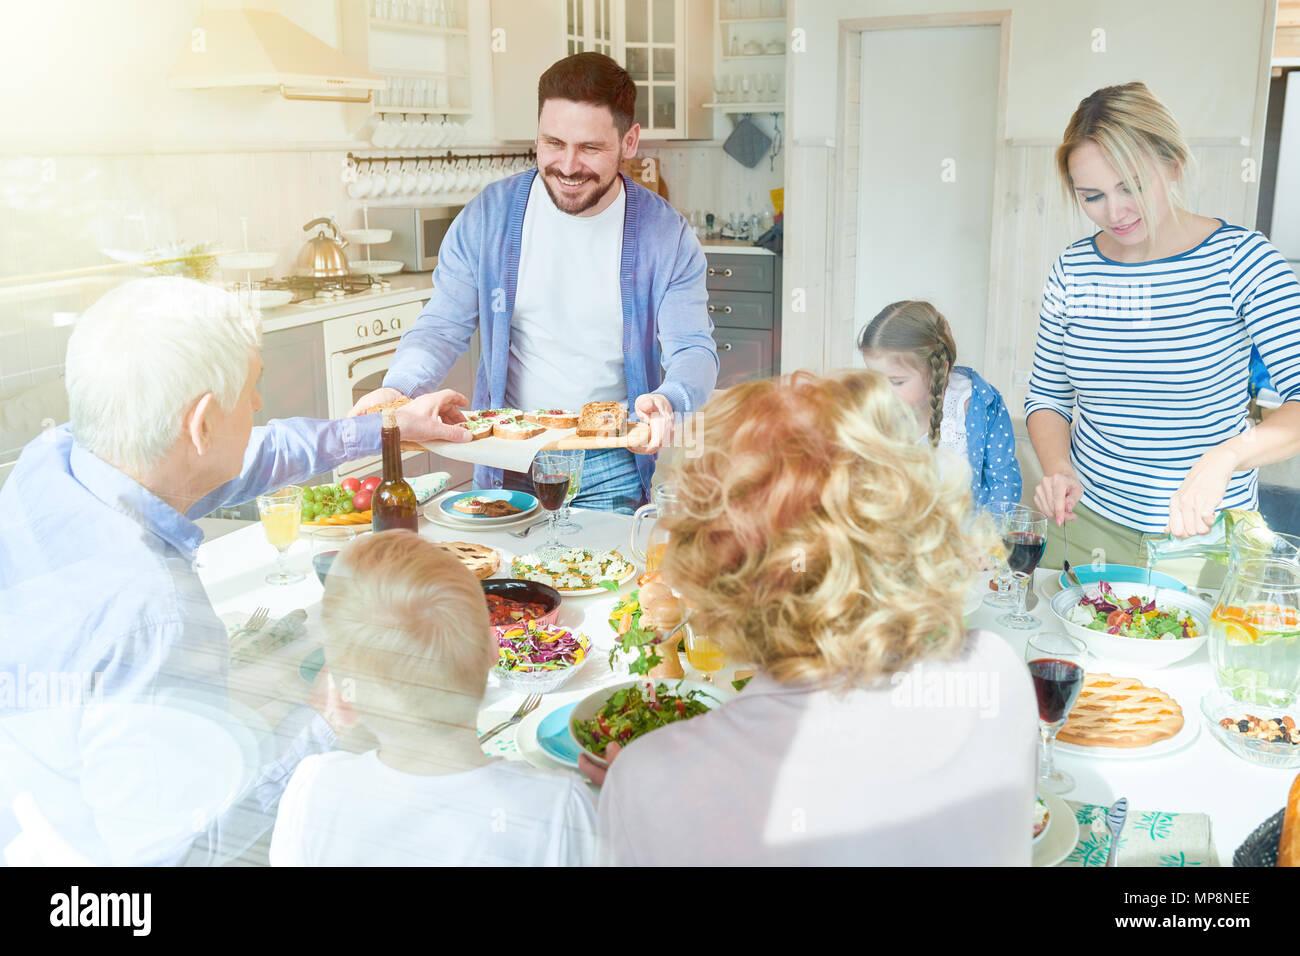 Familie Abendessen im Sonnenlicht Stockbild